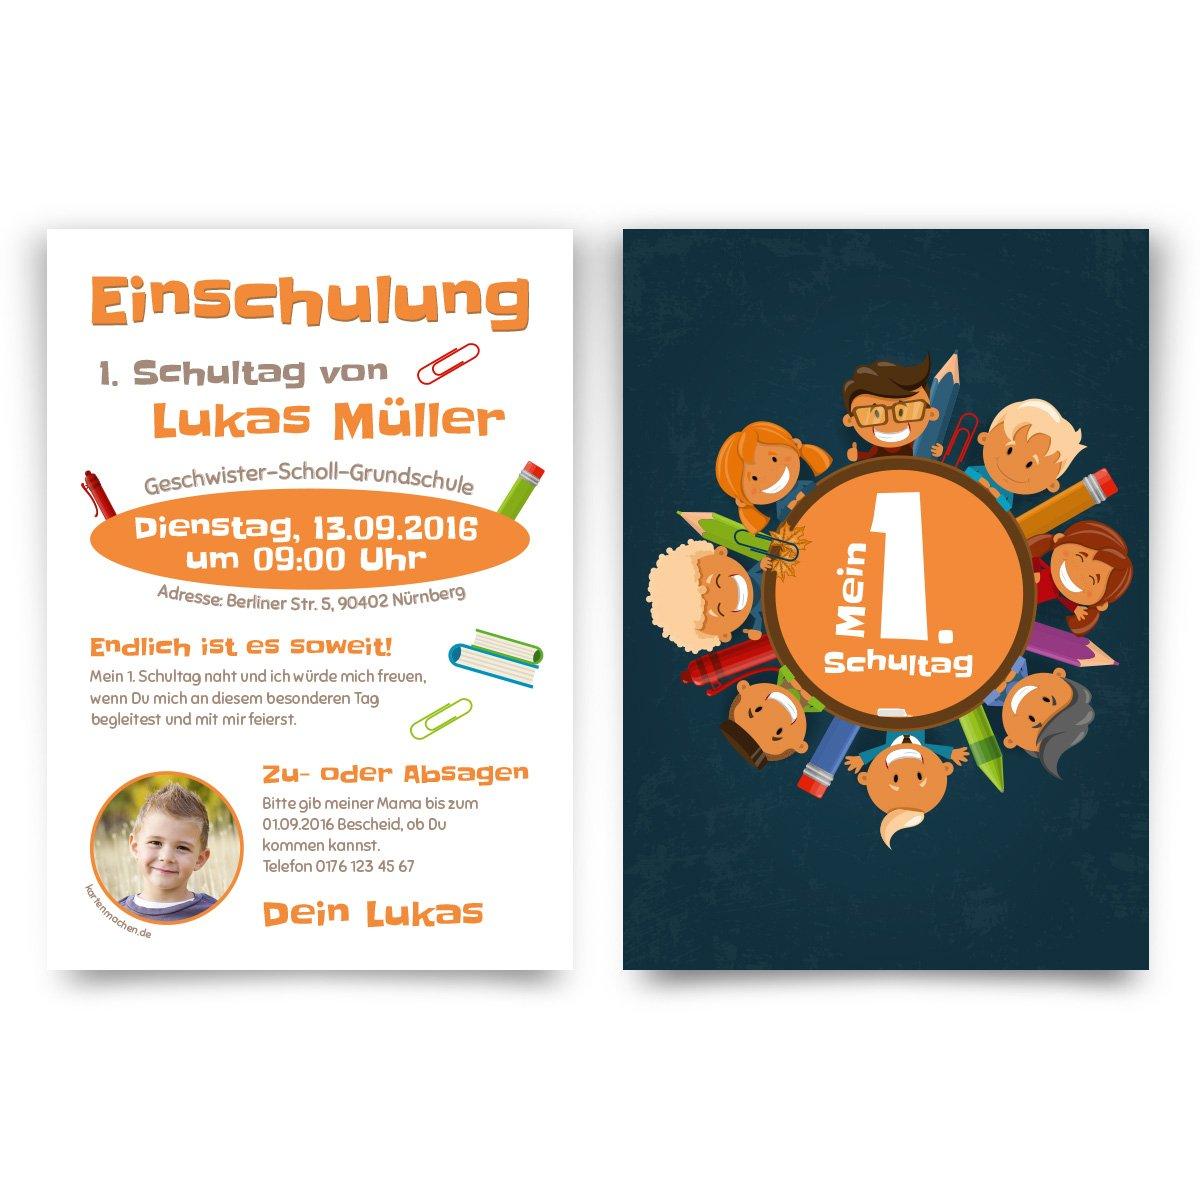 Schultag Kinder erster Tag Einladung Mein 1 Einladungskarten zur Einschulung